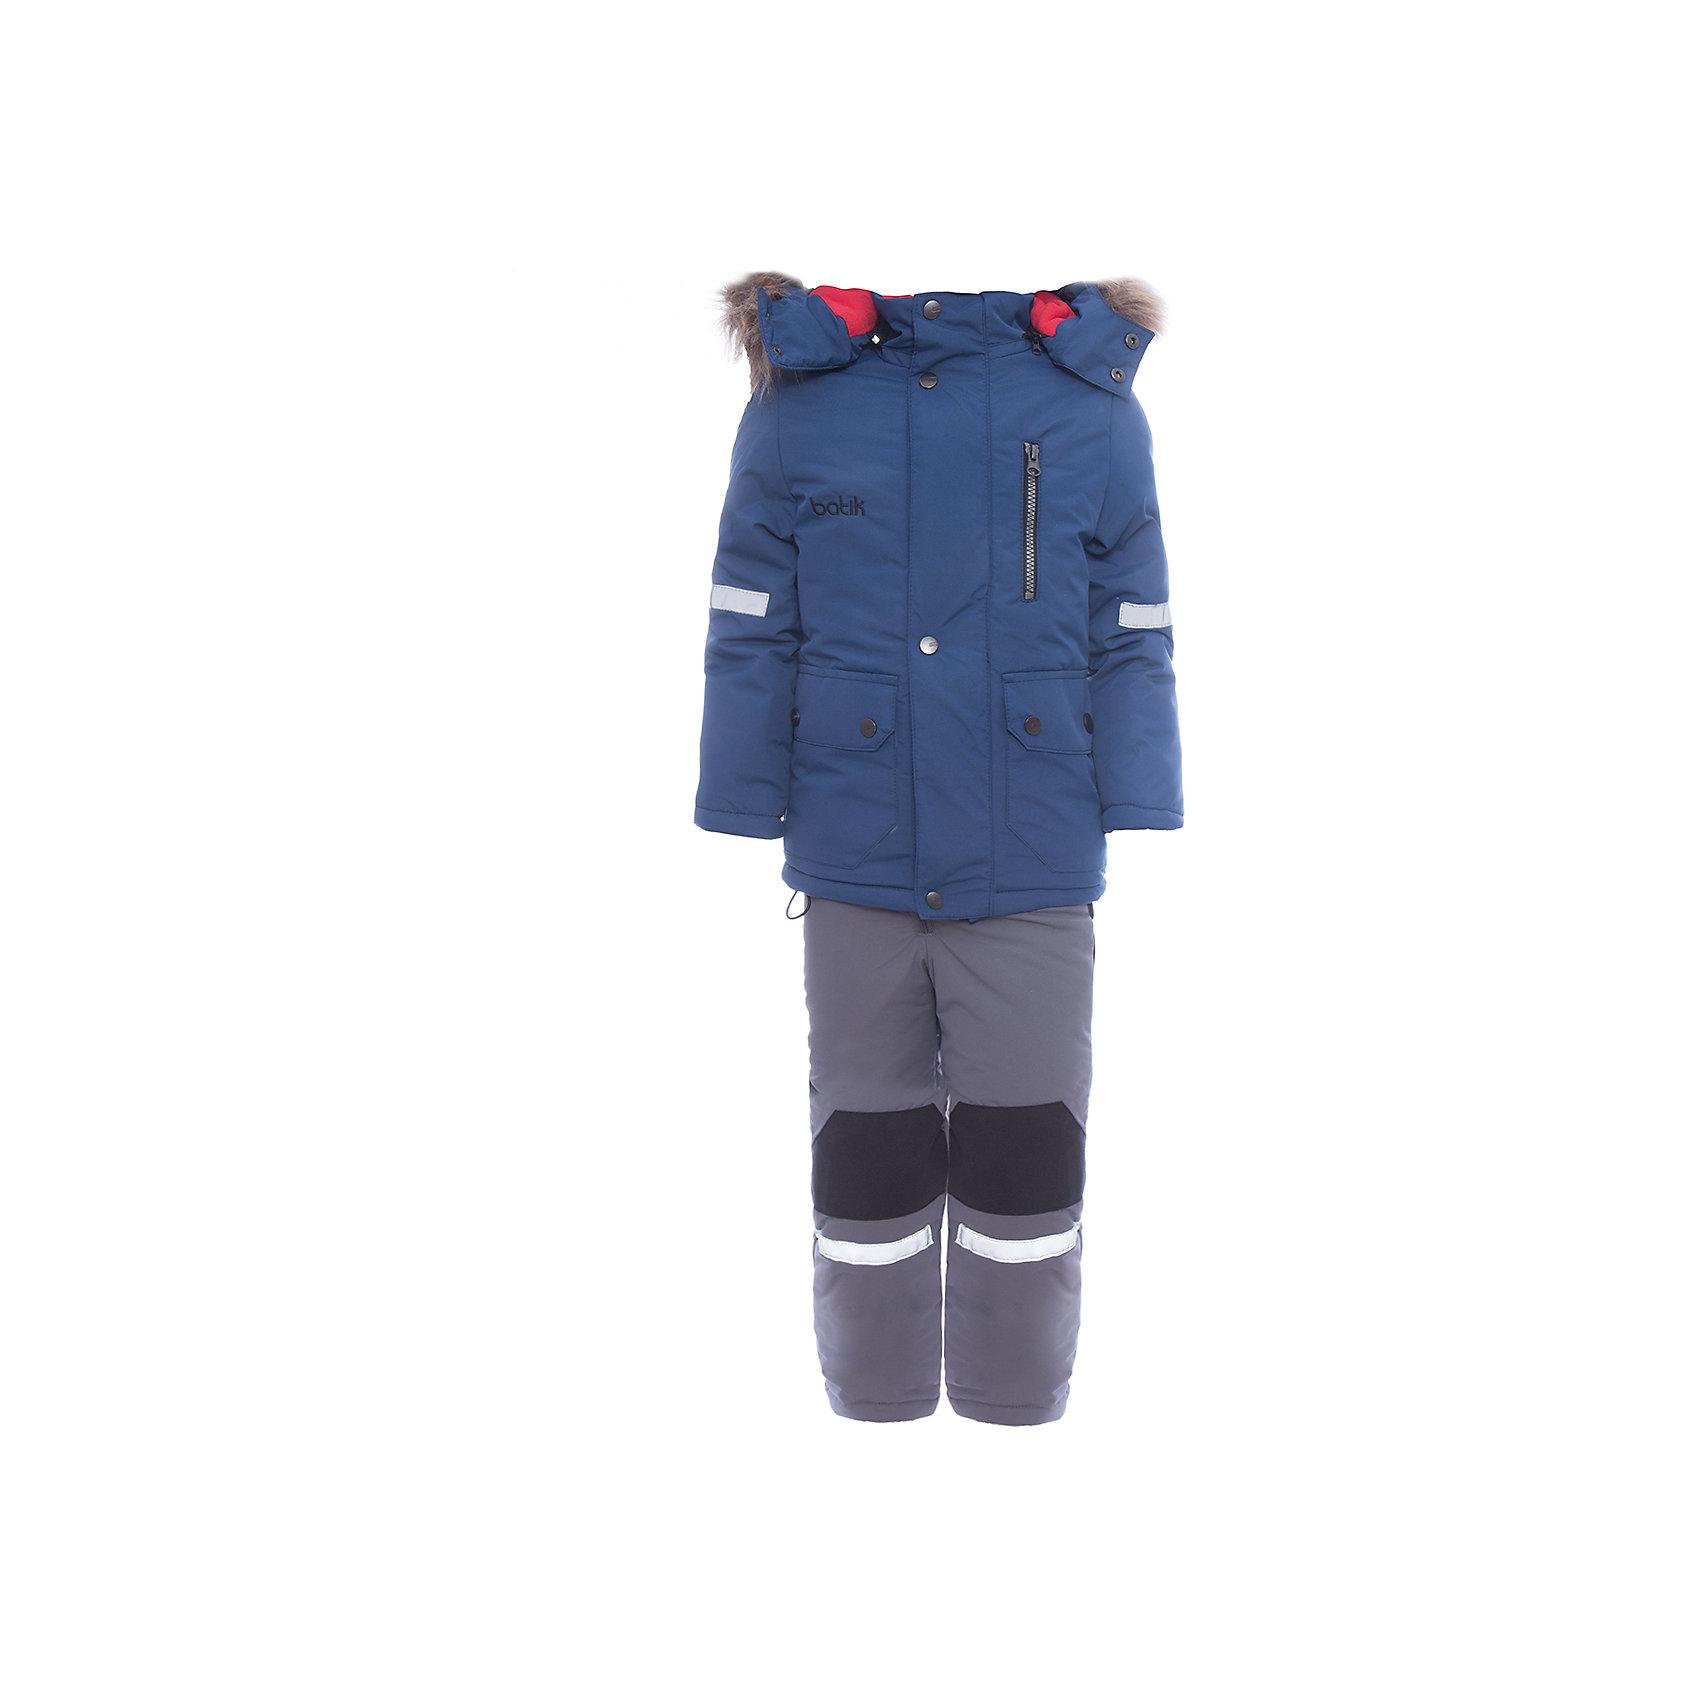 Комплект: куртка и полукомбенизон Артур Batik для мальчикаВерхняя одежда<br>Комплект: куртка и полукомбенизон Артур Batik для мальчика<br>Верхняя ткань обладает водоотталкивающими и ветрозащитными свойствами мембраны. Полукомбинезон с отстегивающимися лямками, имеются липучки для регулировки ширины низа брюк. Куртка на молнии с ветрозащитной планкой и юбкой внутри, светоотражающими элементами. Капюшон на молнии со съемной опушкой.<br>Состав:<br>Ткань верха - TASLON OXFORD;  Утеплитель - Слайтекс 300;  Подкладка - Полар флис;<br><br>Ширина мм: 356<br>Глубина мм: 10<br>Высота мм: 245<br>Вес г: 519<br>Цвет: синий<br>Возраст от месяцев: 72<br>Возраст до месяцев: 84<br>Пол: Мужской<br>Возраст: Детский<br>Размер: 122,104,110,116<br>SKU: 7028018